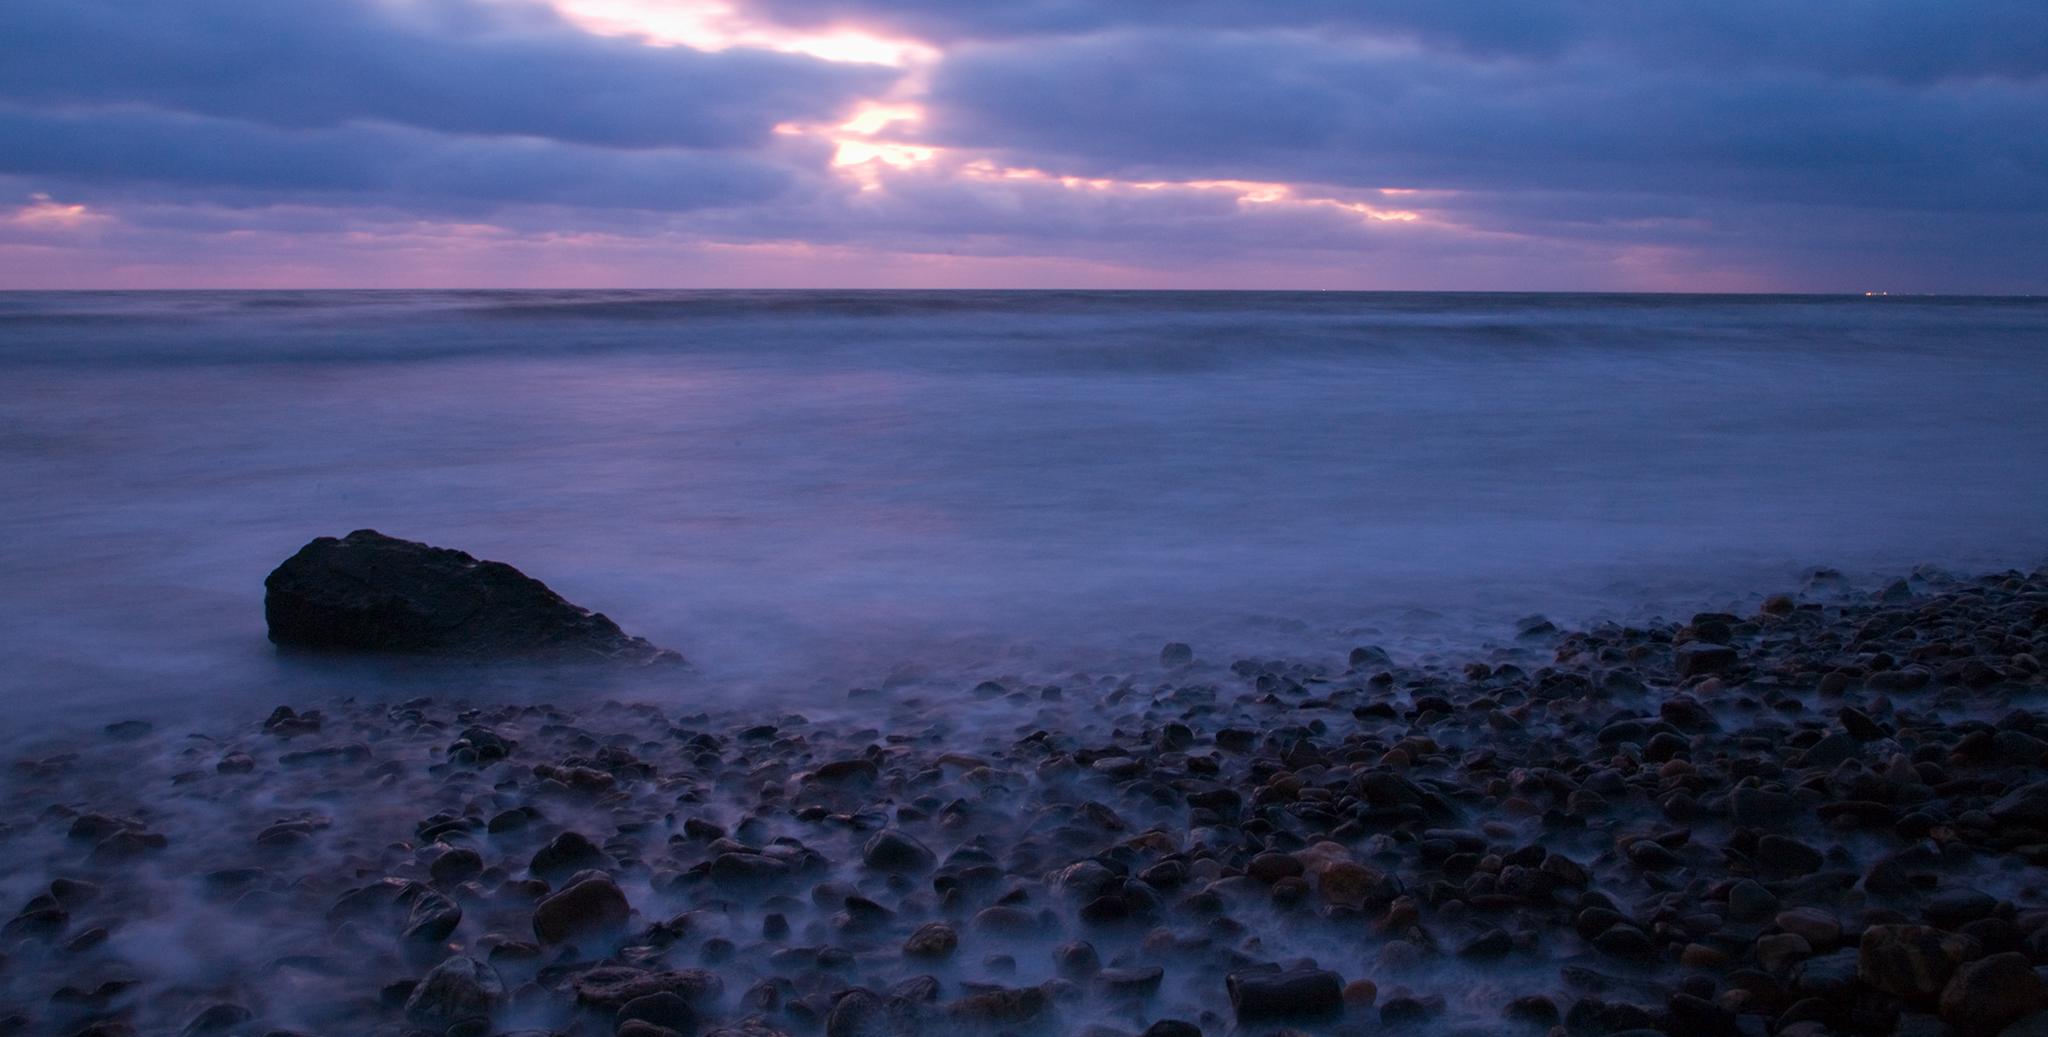 Ballyconnigar Strand at dawn, Blackwater, County Wexford, Ireland.